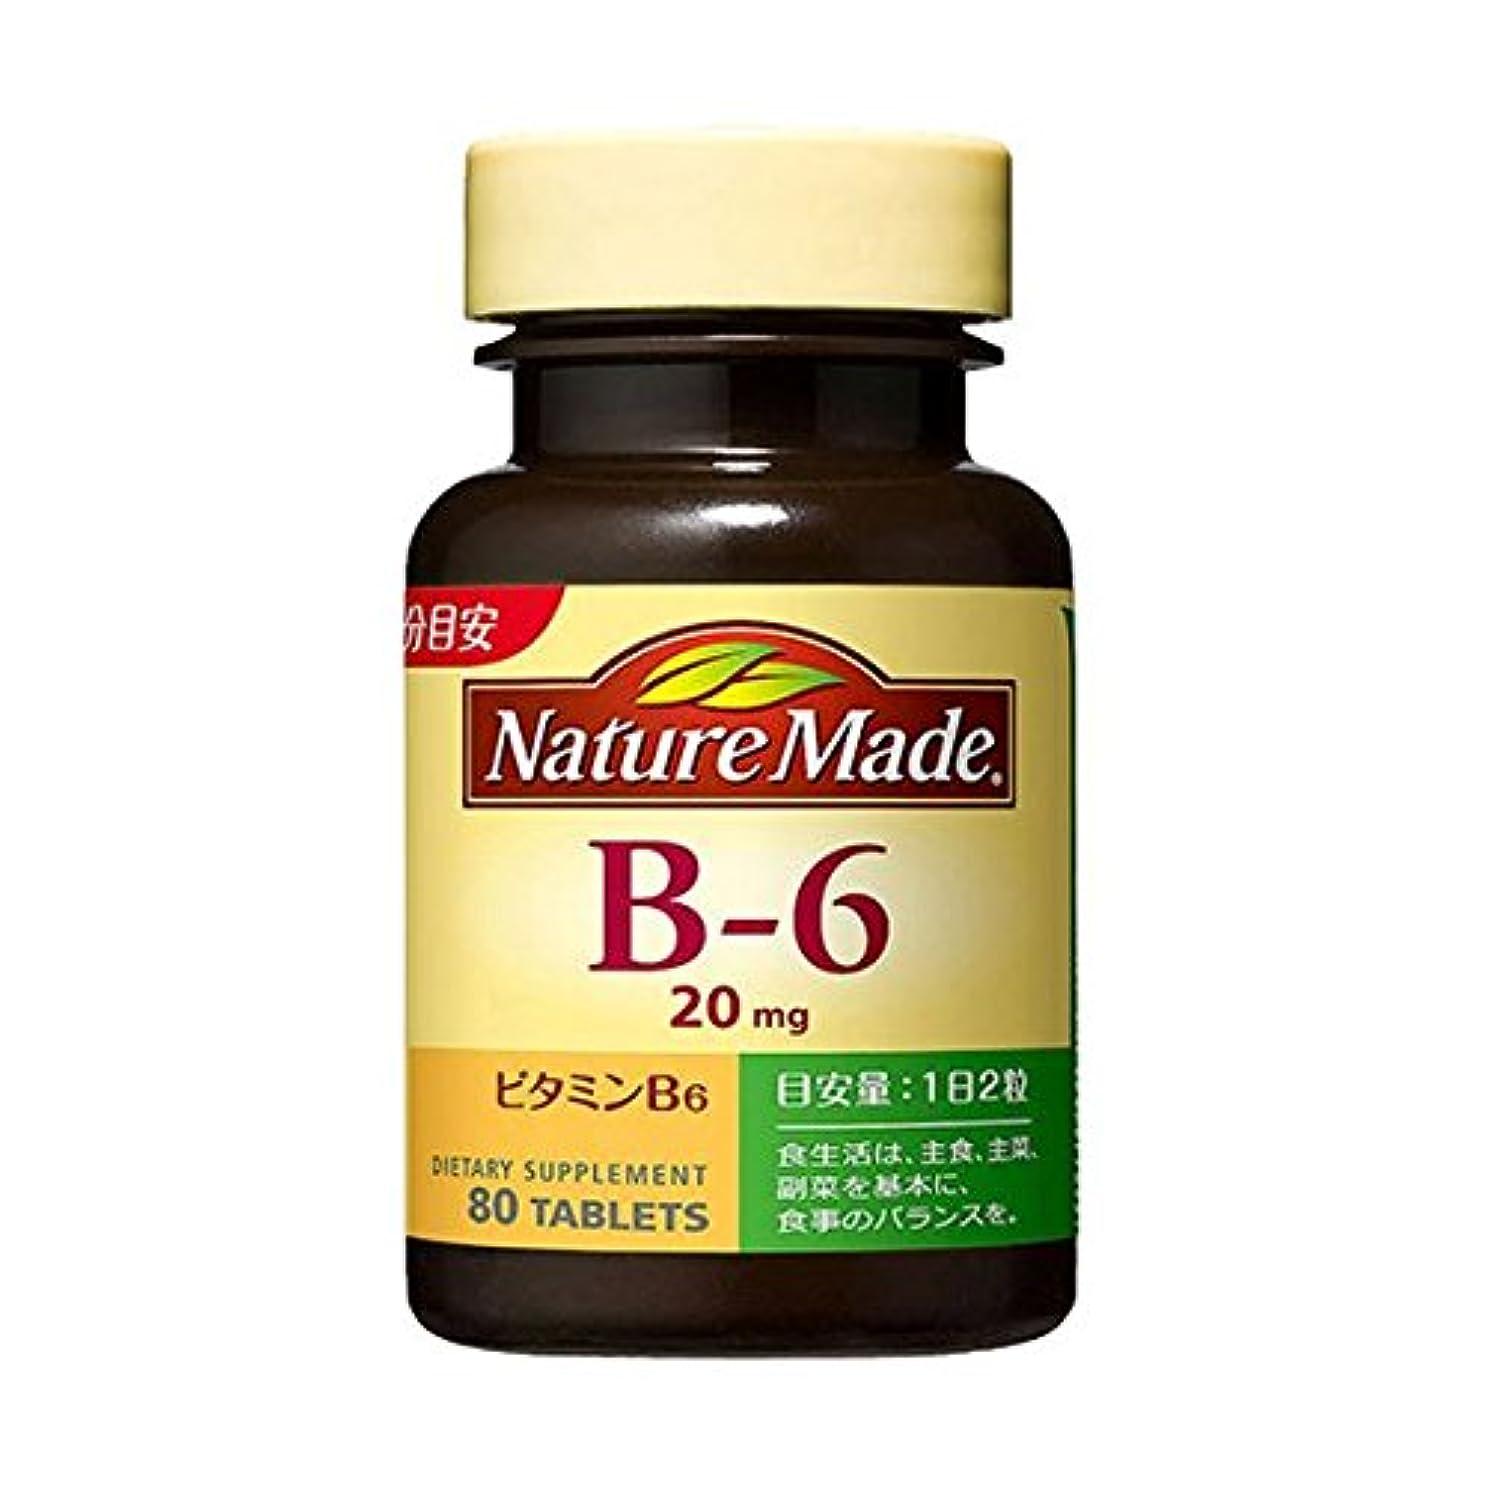 蒸発気味の悪いあいまい大塚製薬 ネイチャーメイド ビタミンB6 80粒×3個入